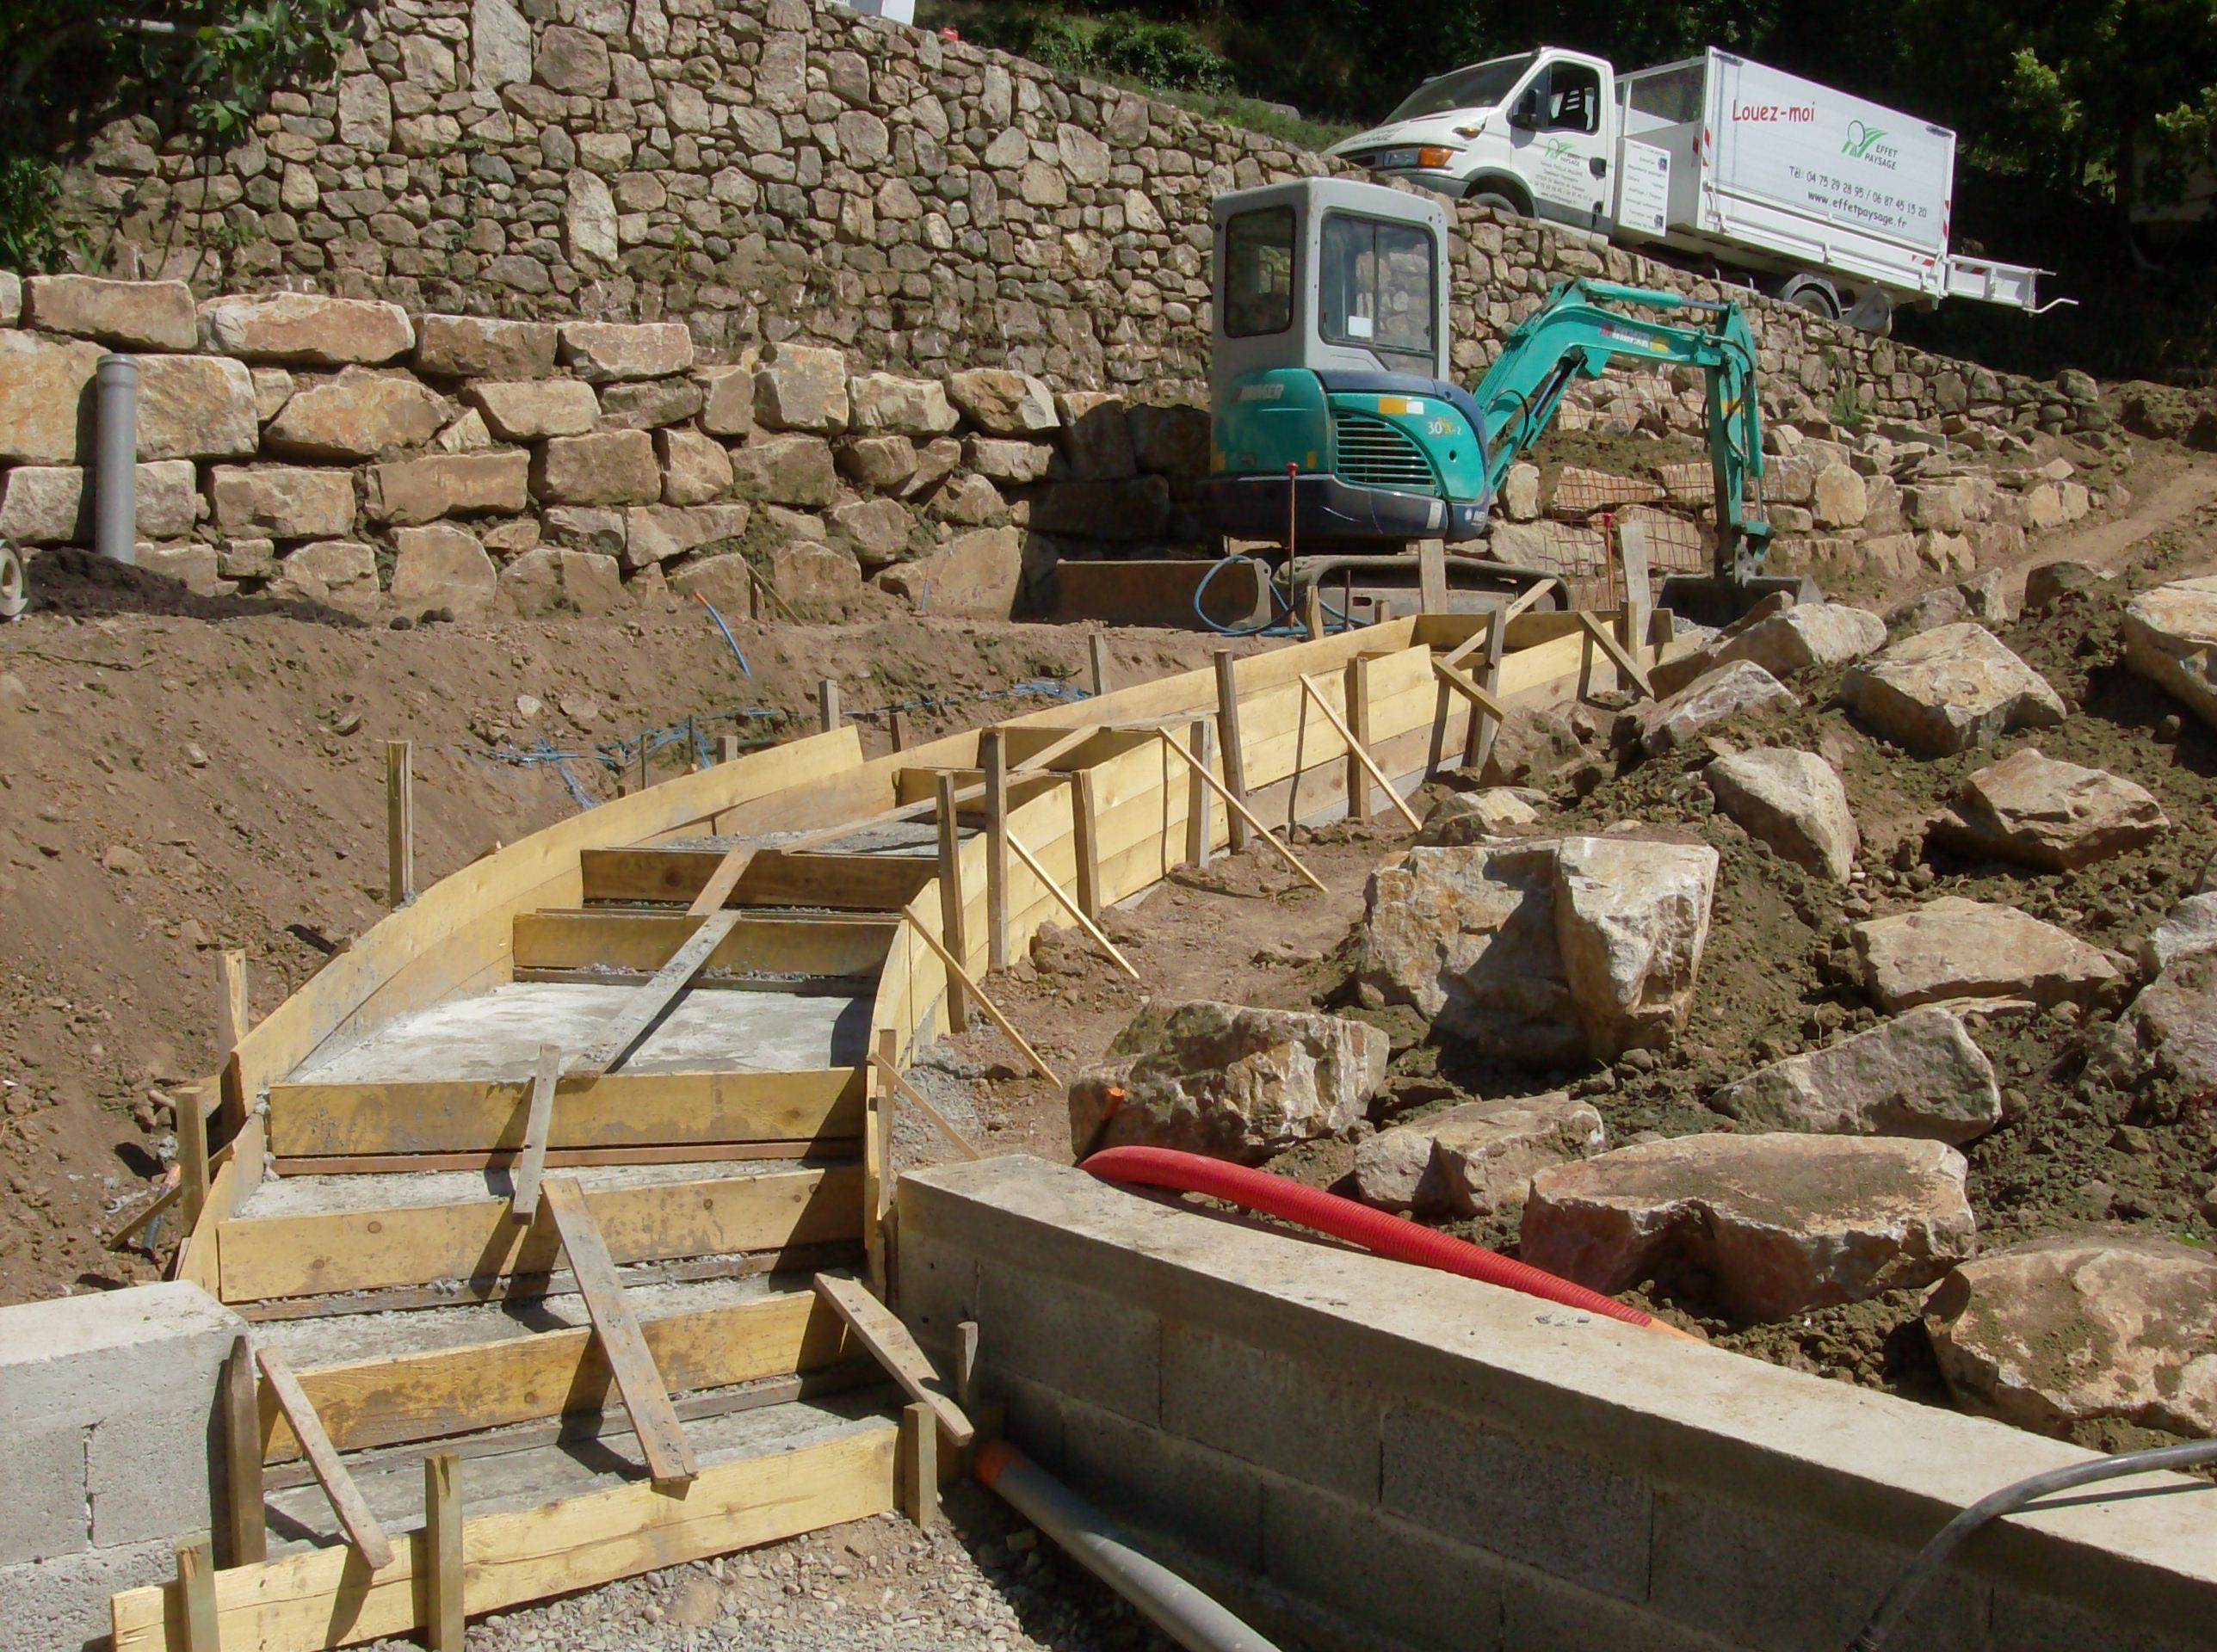 Escalier paysager good conception duun escalier paysag for Escalier paysager entree maison